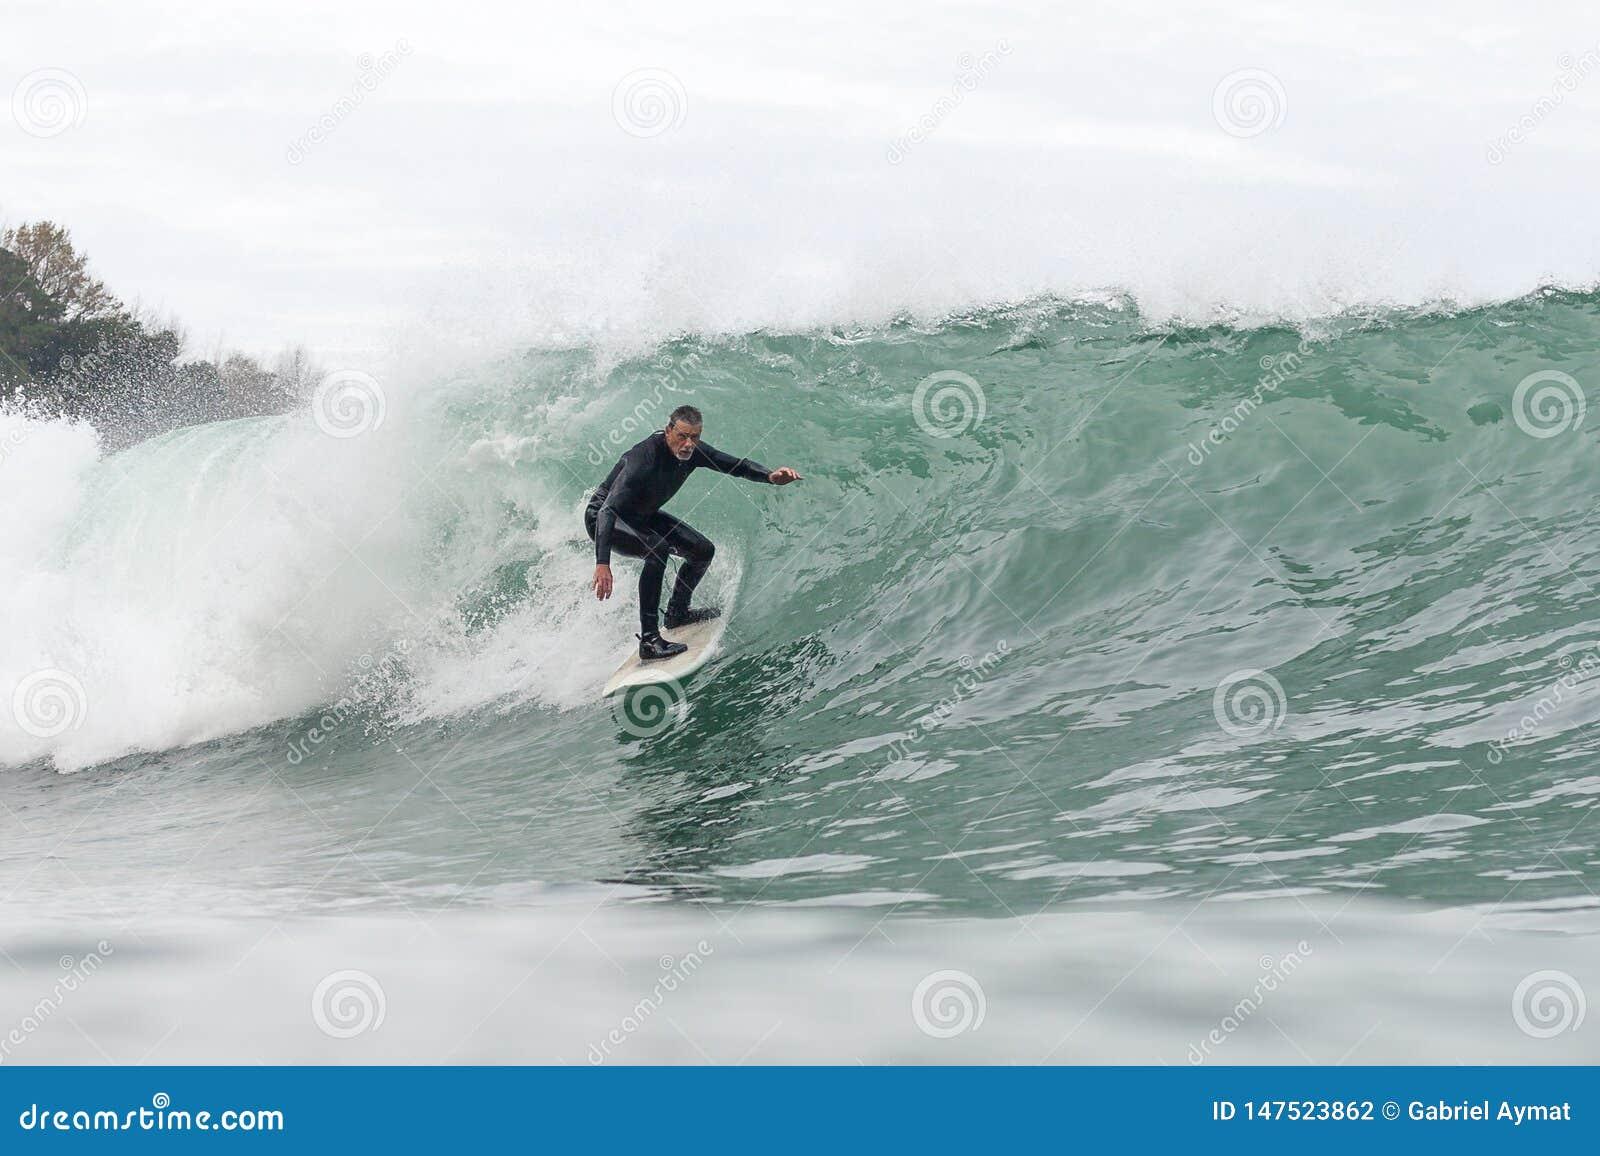 Hombre de 68 a?os que practica surf una onda grande